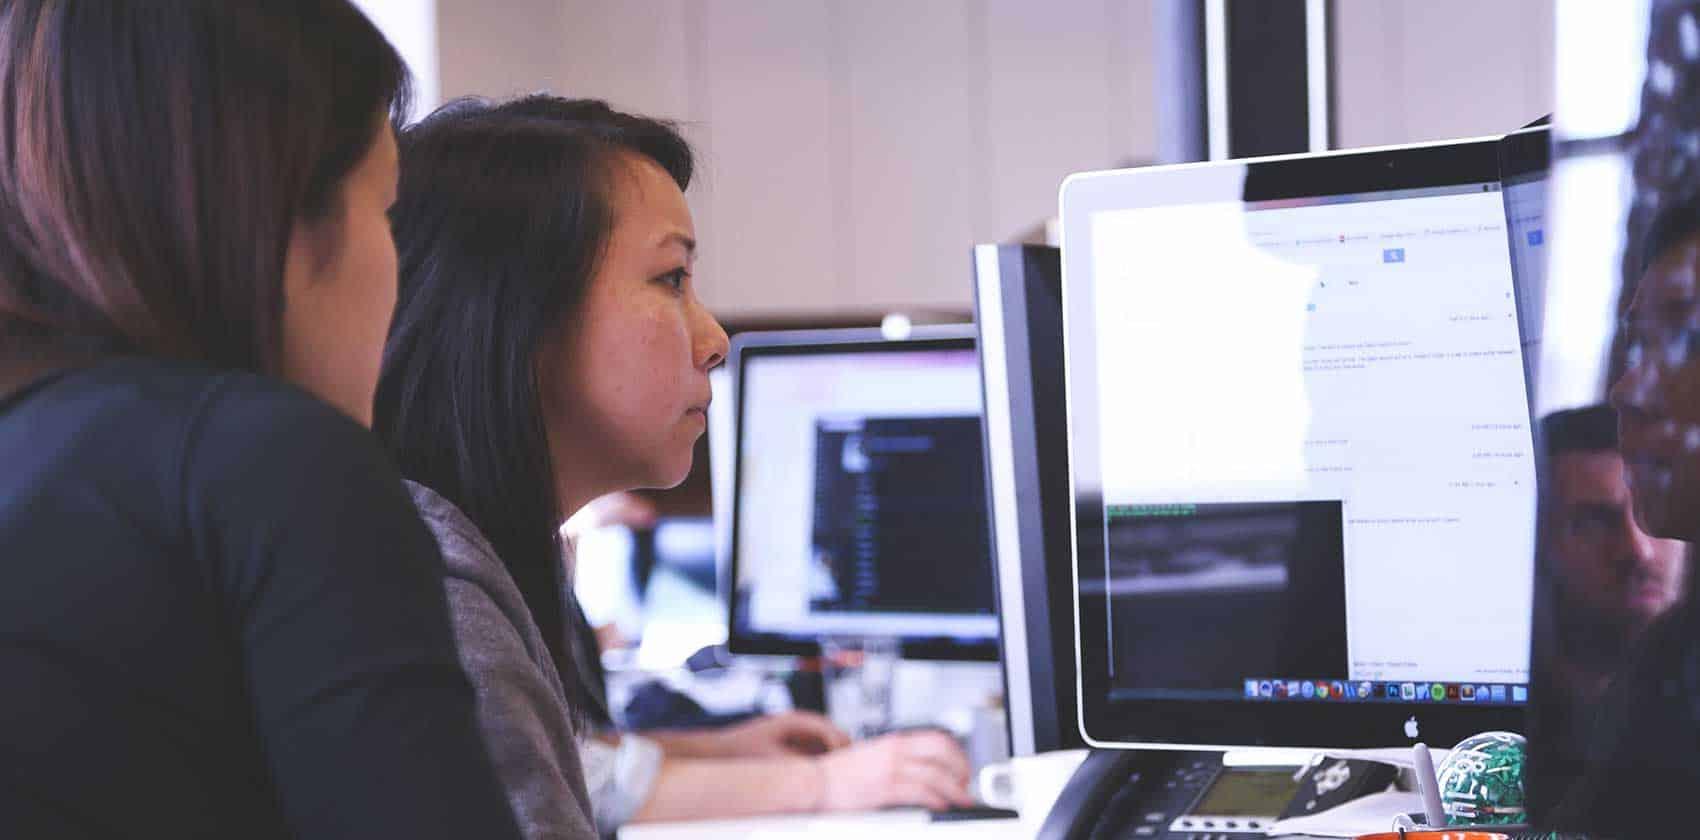 Ensine as pessoas a codificar